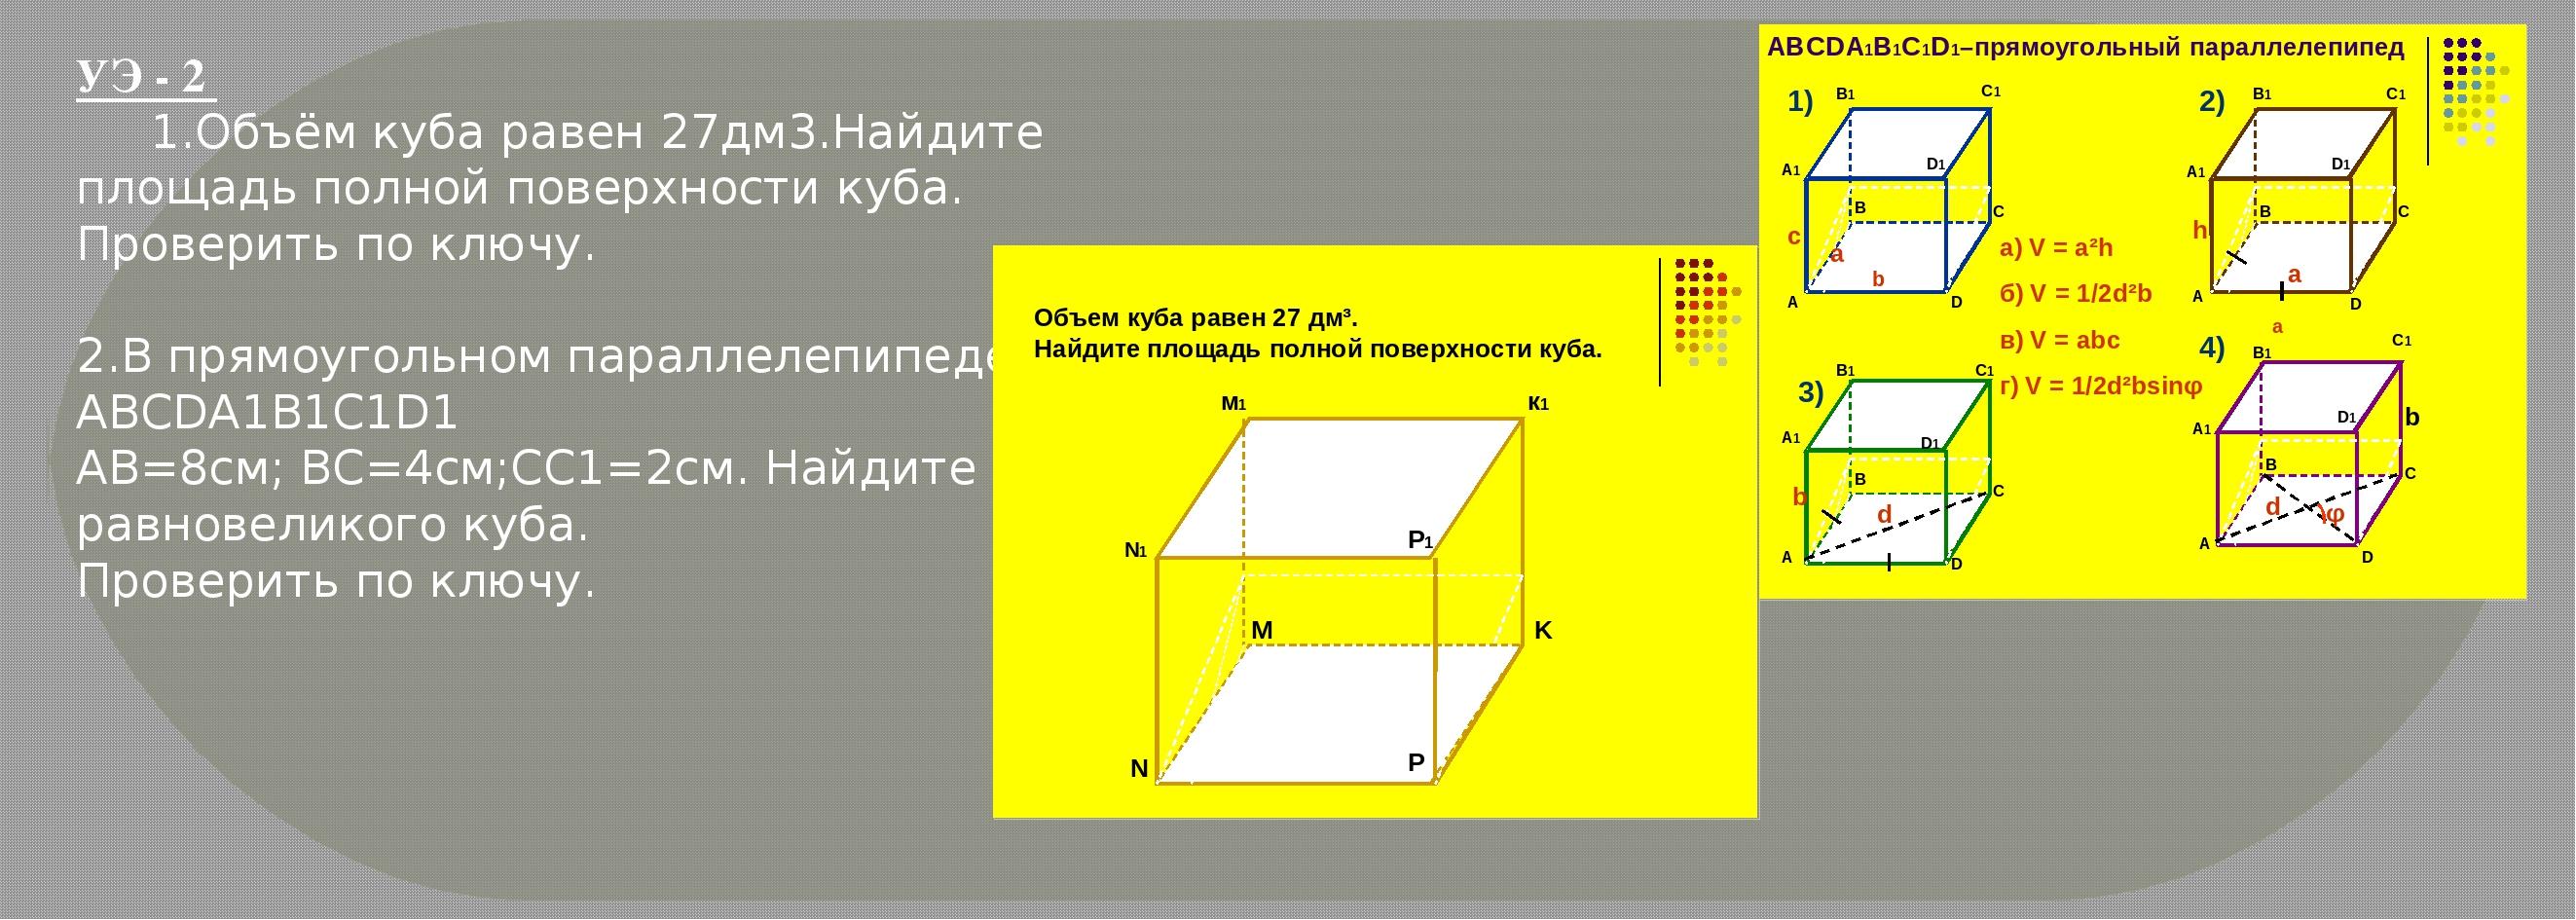 Схема как сделать прямоугольный параллелепипед из